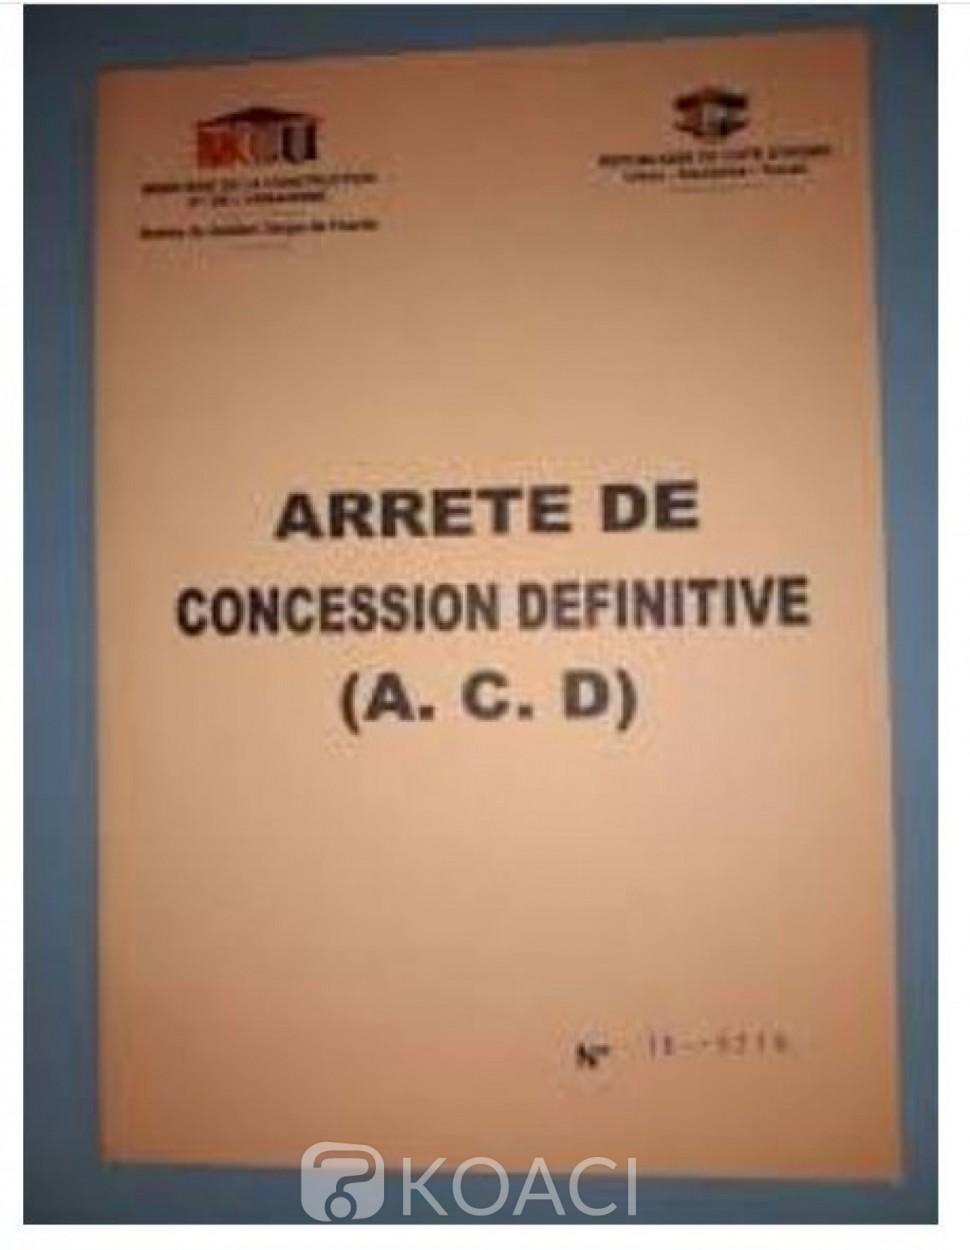 Côte d'Ivoire : Nomenclature des pièces à fournir pour une demande d'ACD à partir d'une lettre d'attribution et des frais de dépôt